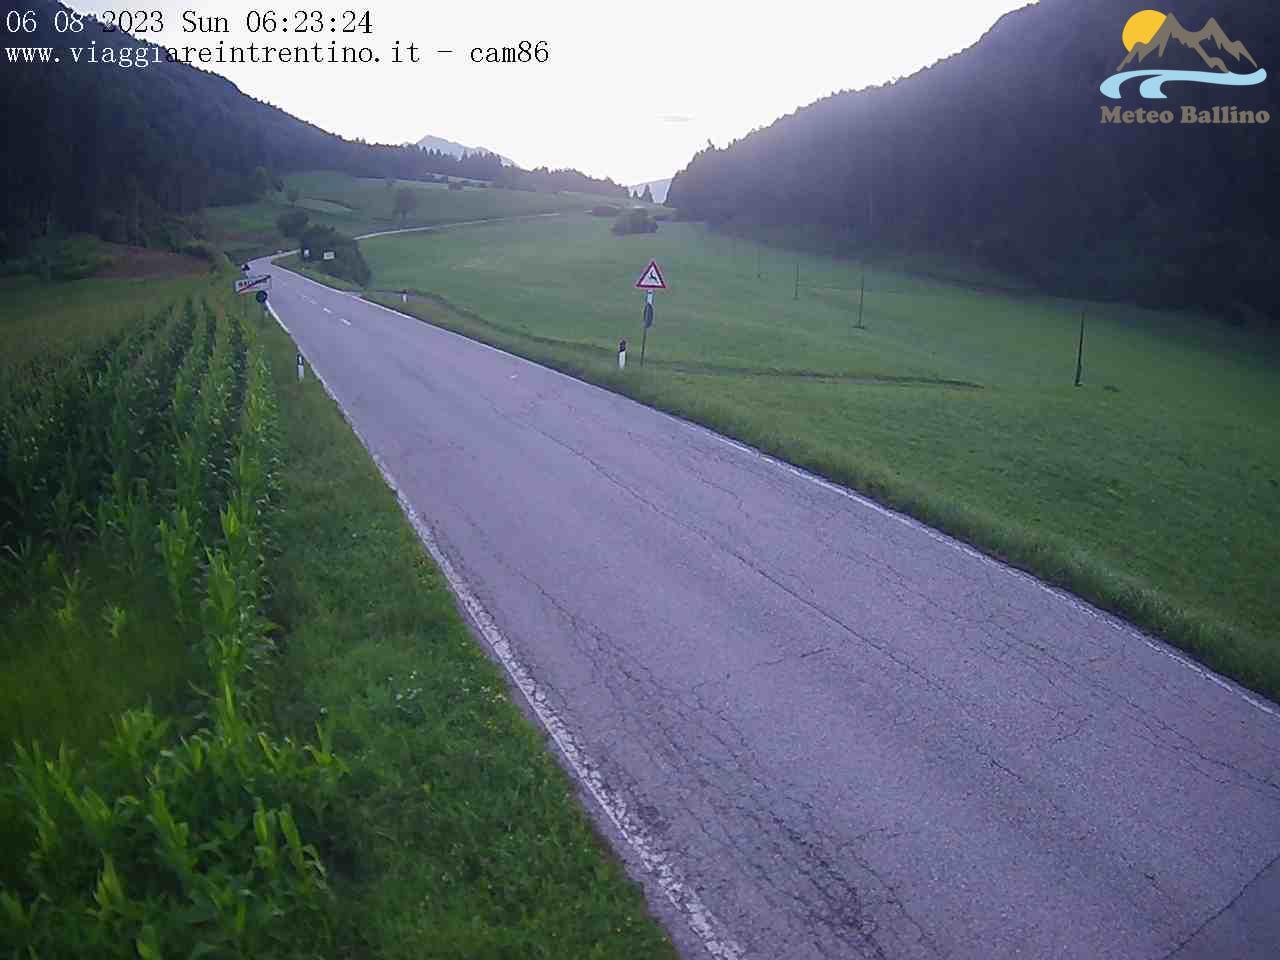 Webcam a cura di Viaggiare in Trentino. Puntamento verso NNE